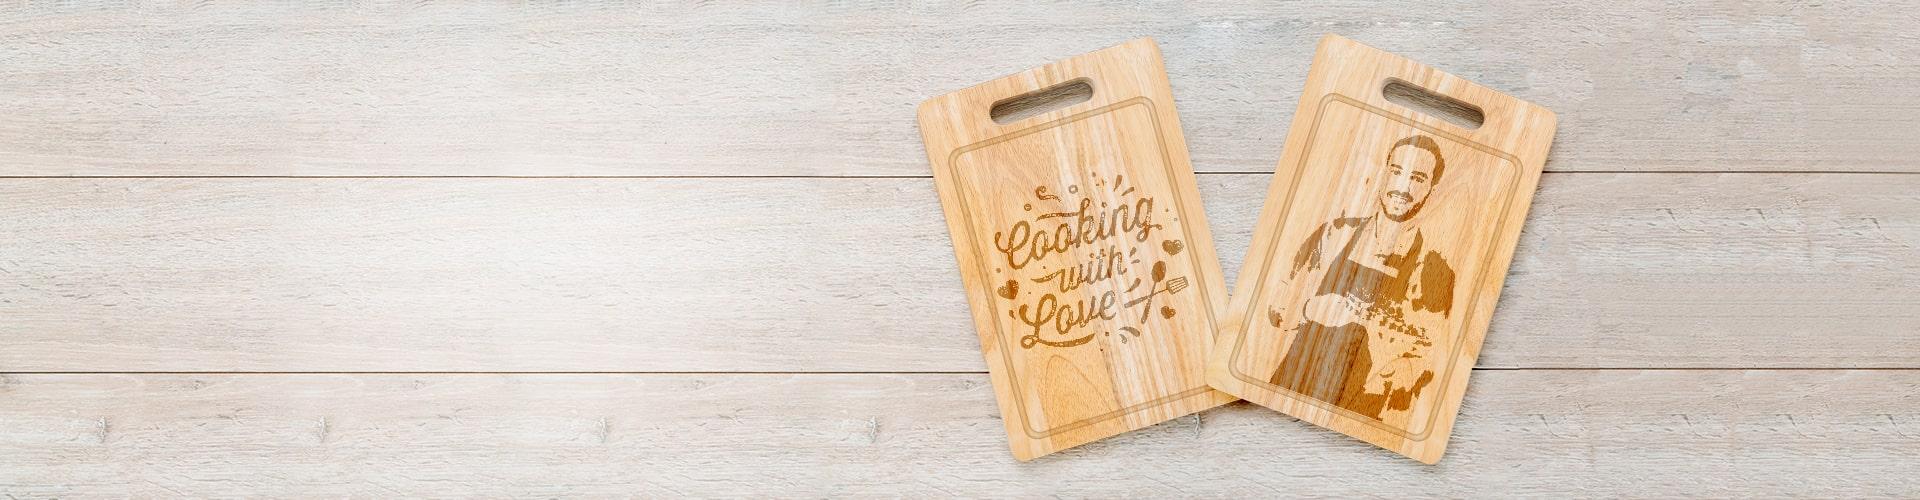 Custom Printed Chopping Board